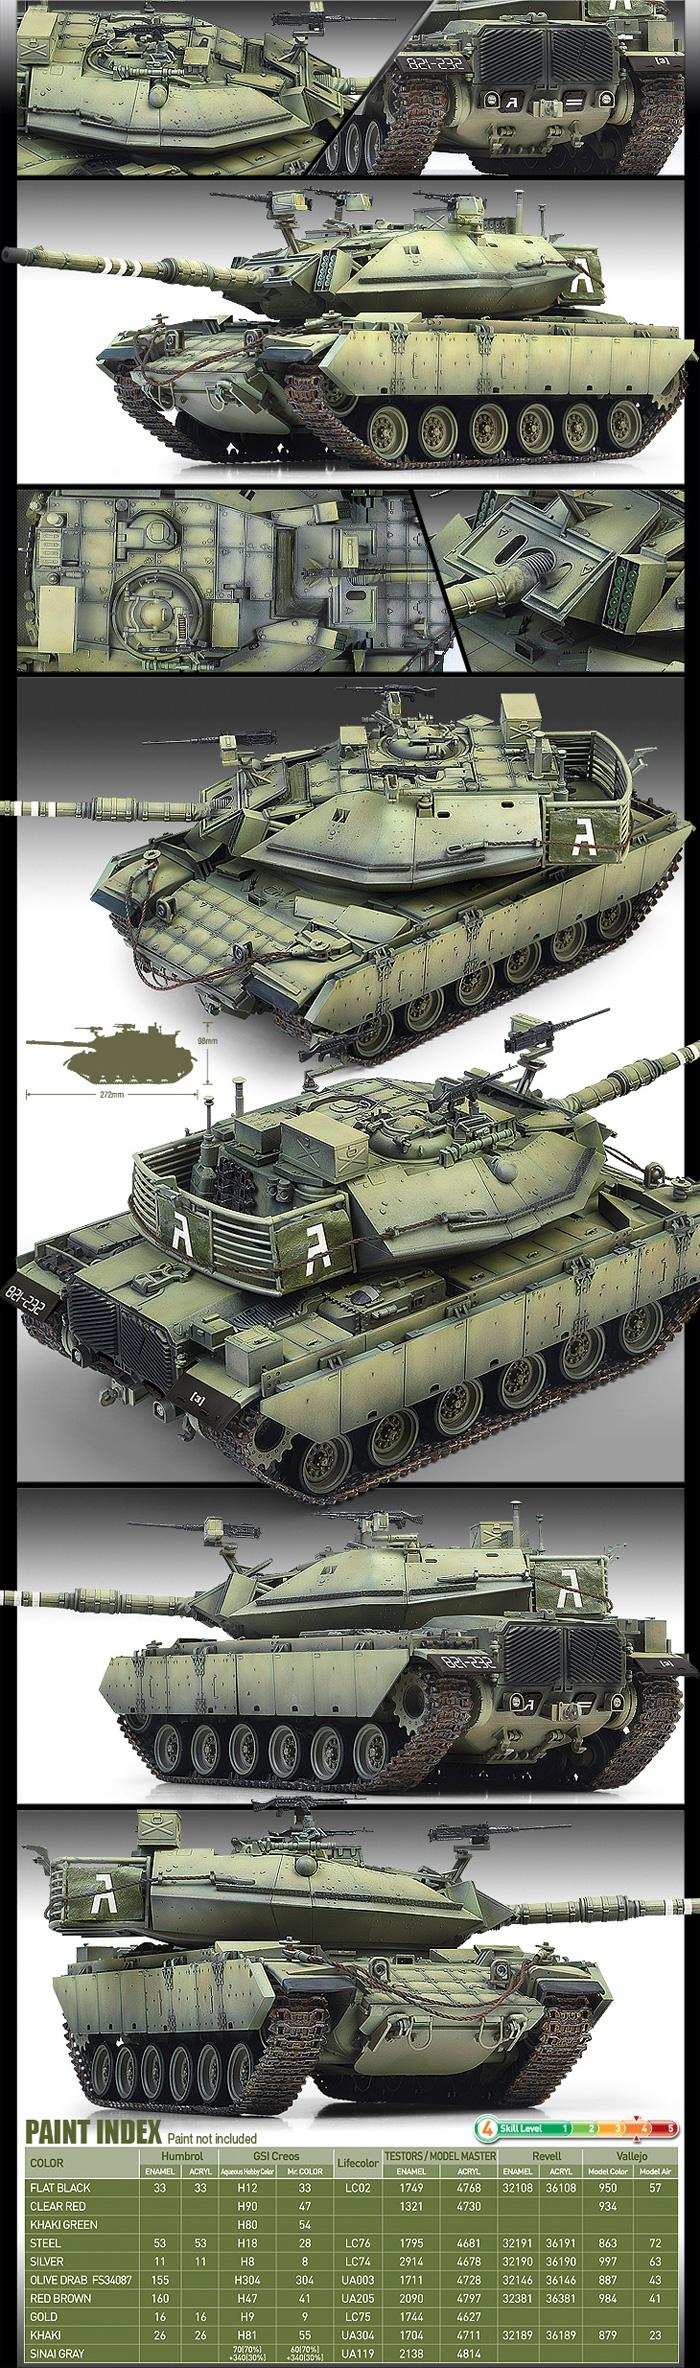 マガフ 6B ガル・バタシュプラモデル(アカデミー1/35 ArmorsNo.13281)商品画像_2